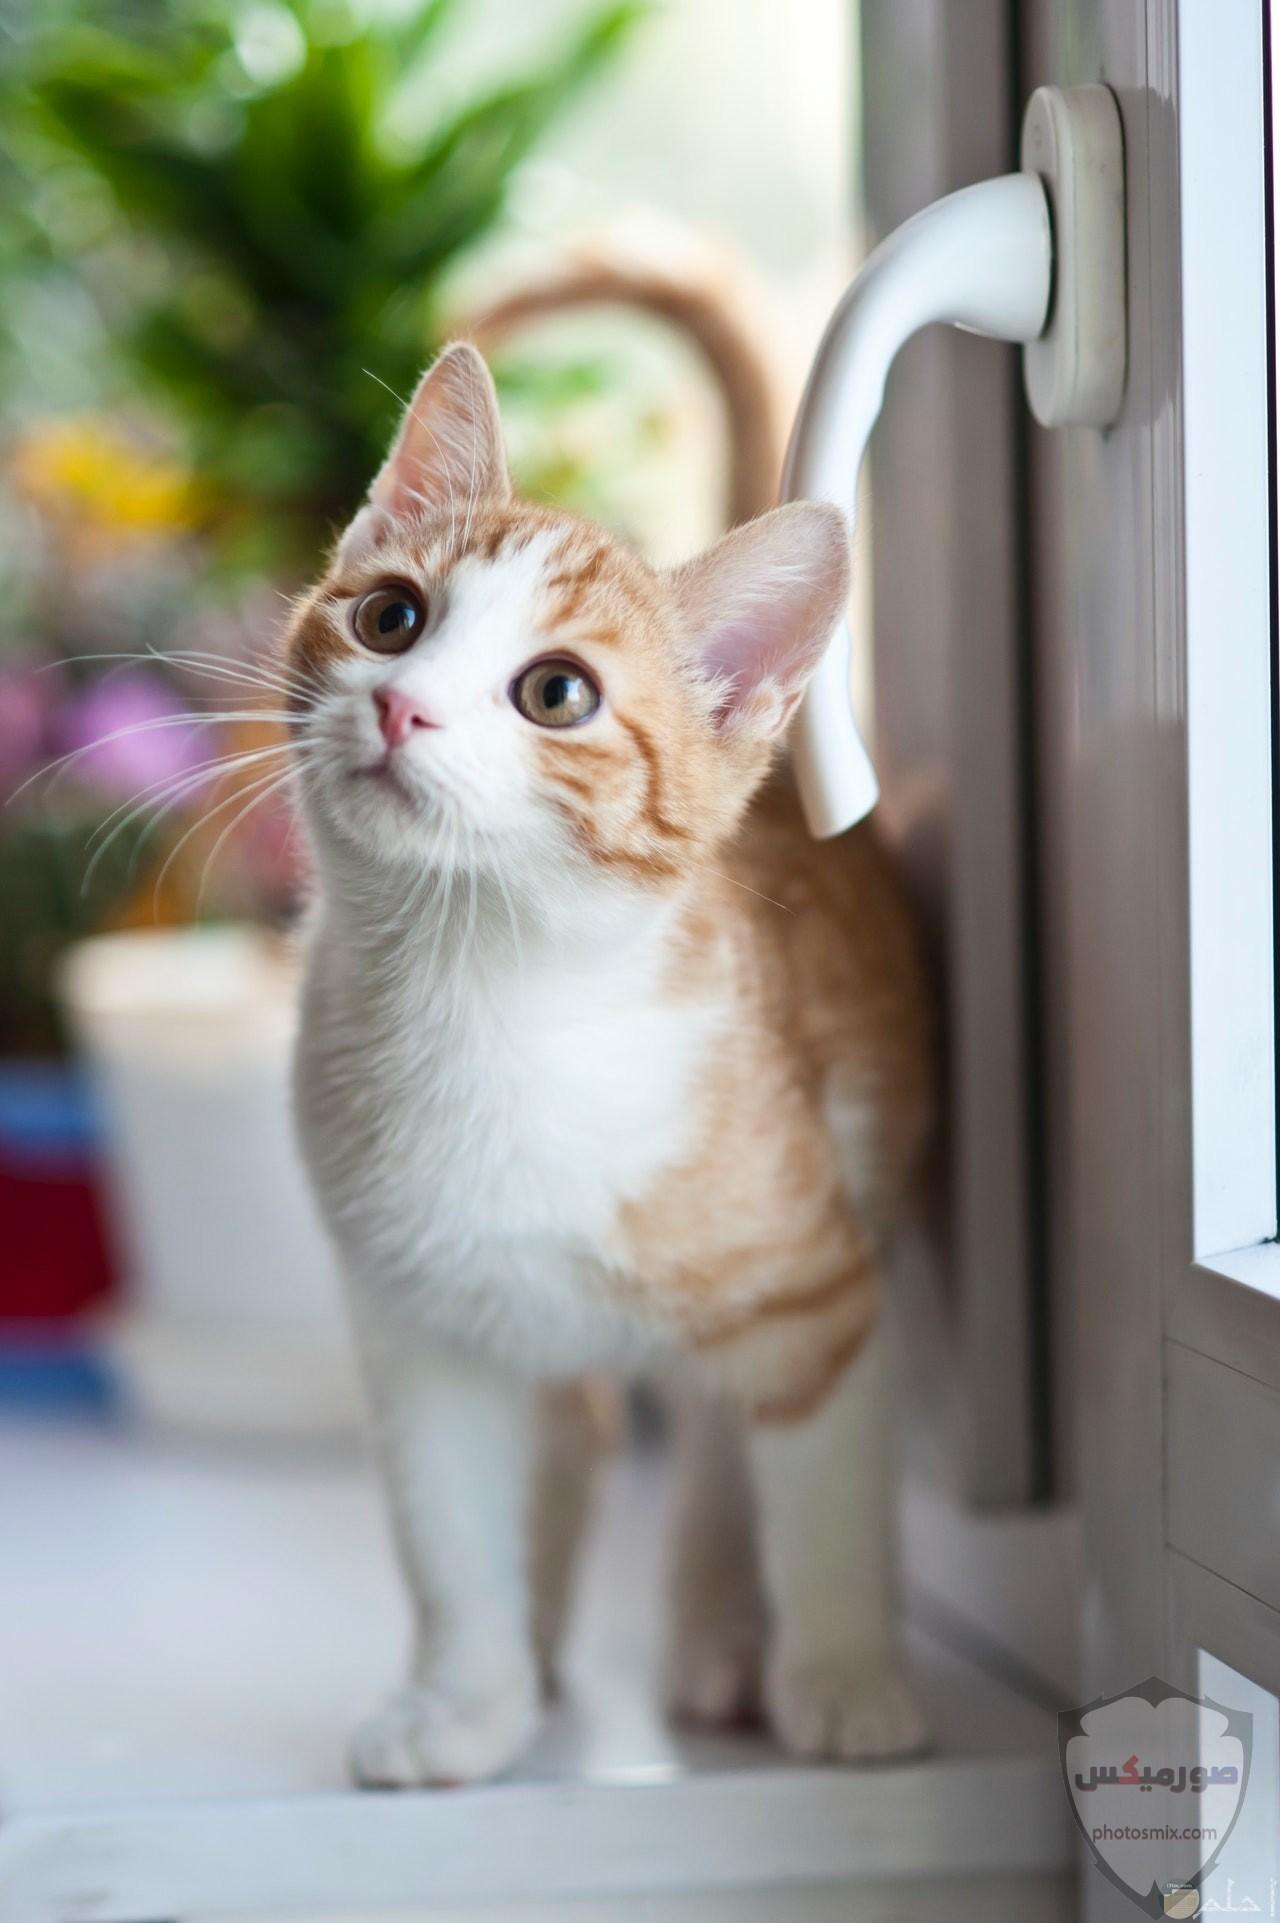 صور خلفيات رمزيات قطط كيوت صورة قطة كيوت جدا 14